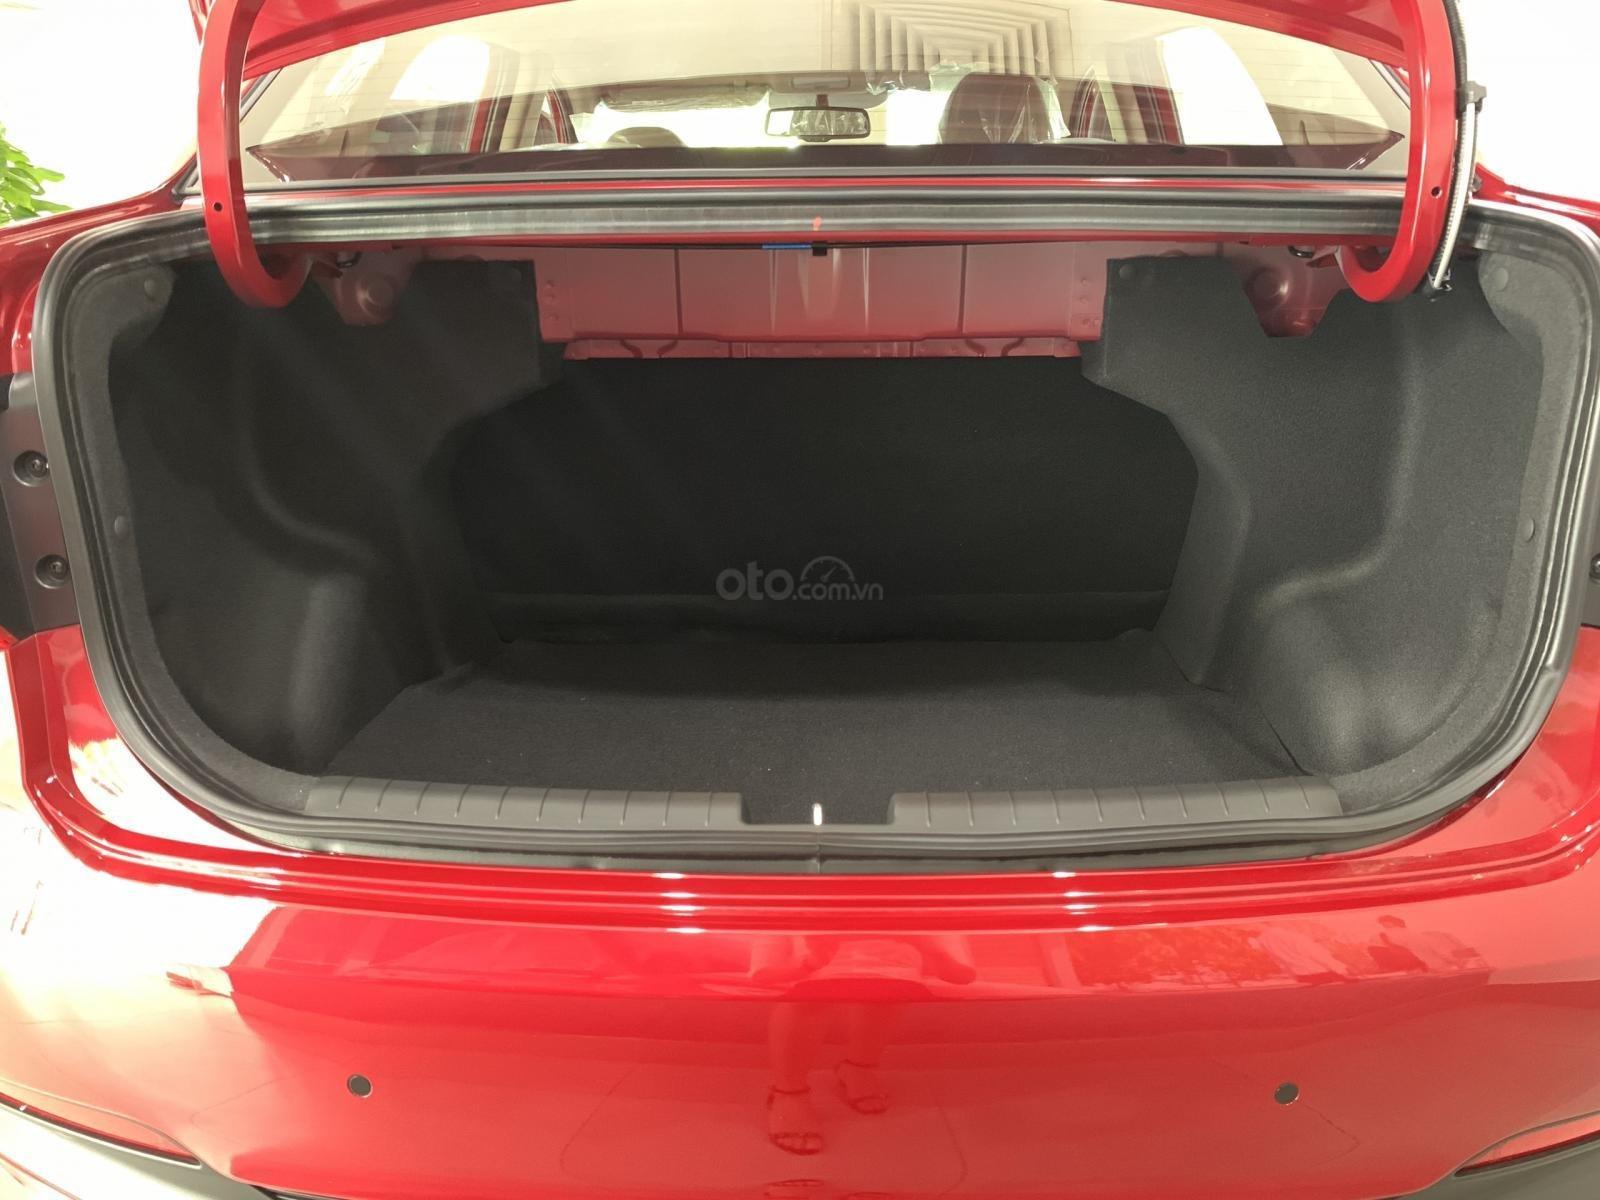 Hyundai Grand i10 sedan MT đỏ nhận xe ngay chỉ với 130tr, hỗ trợ đăng ký Grab, tặng bộ PK cao cấp, hỗ trợ vay trả góp (4)